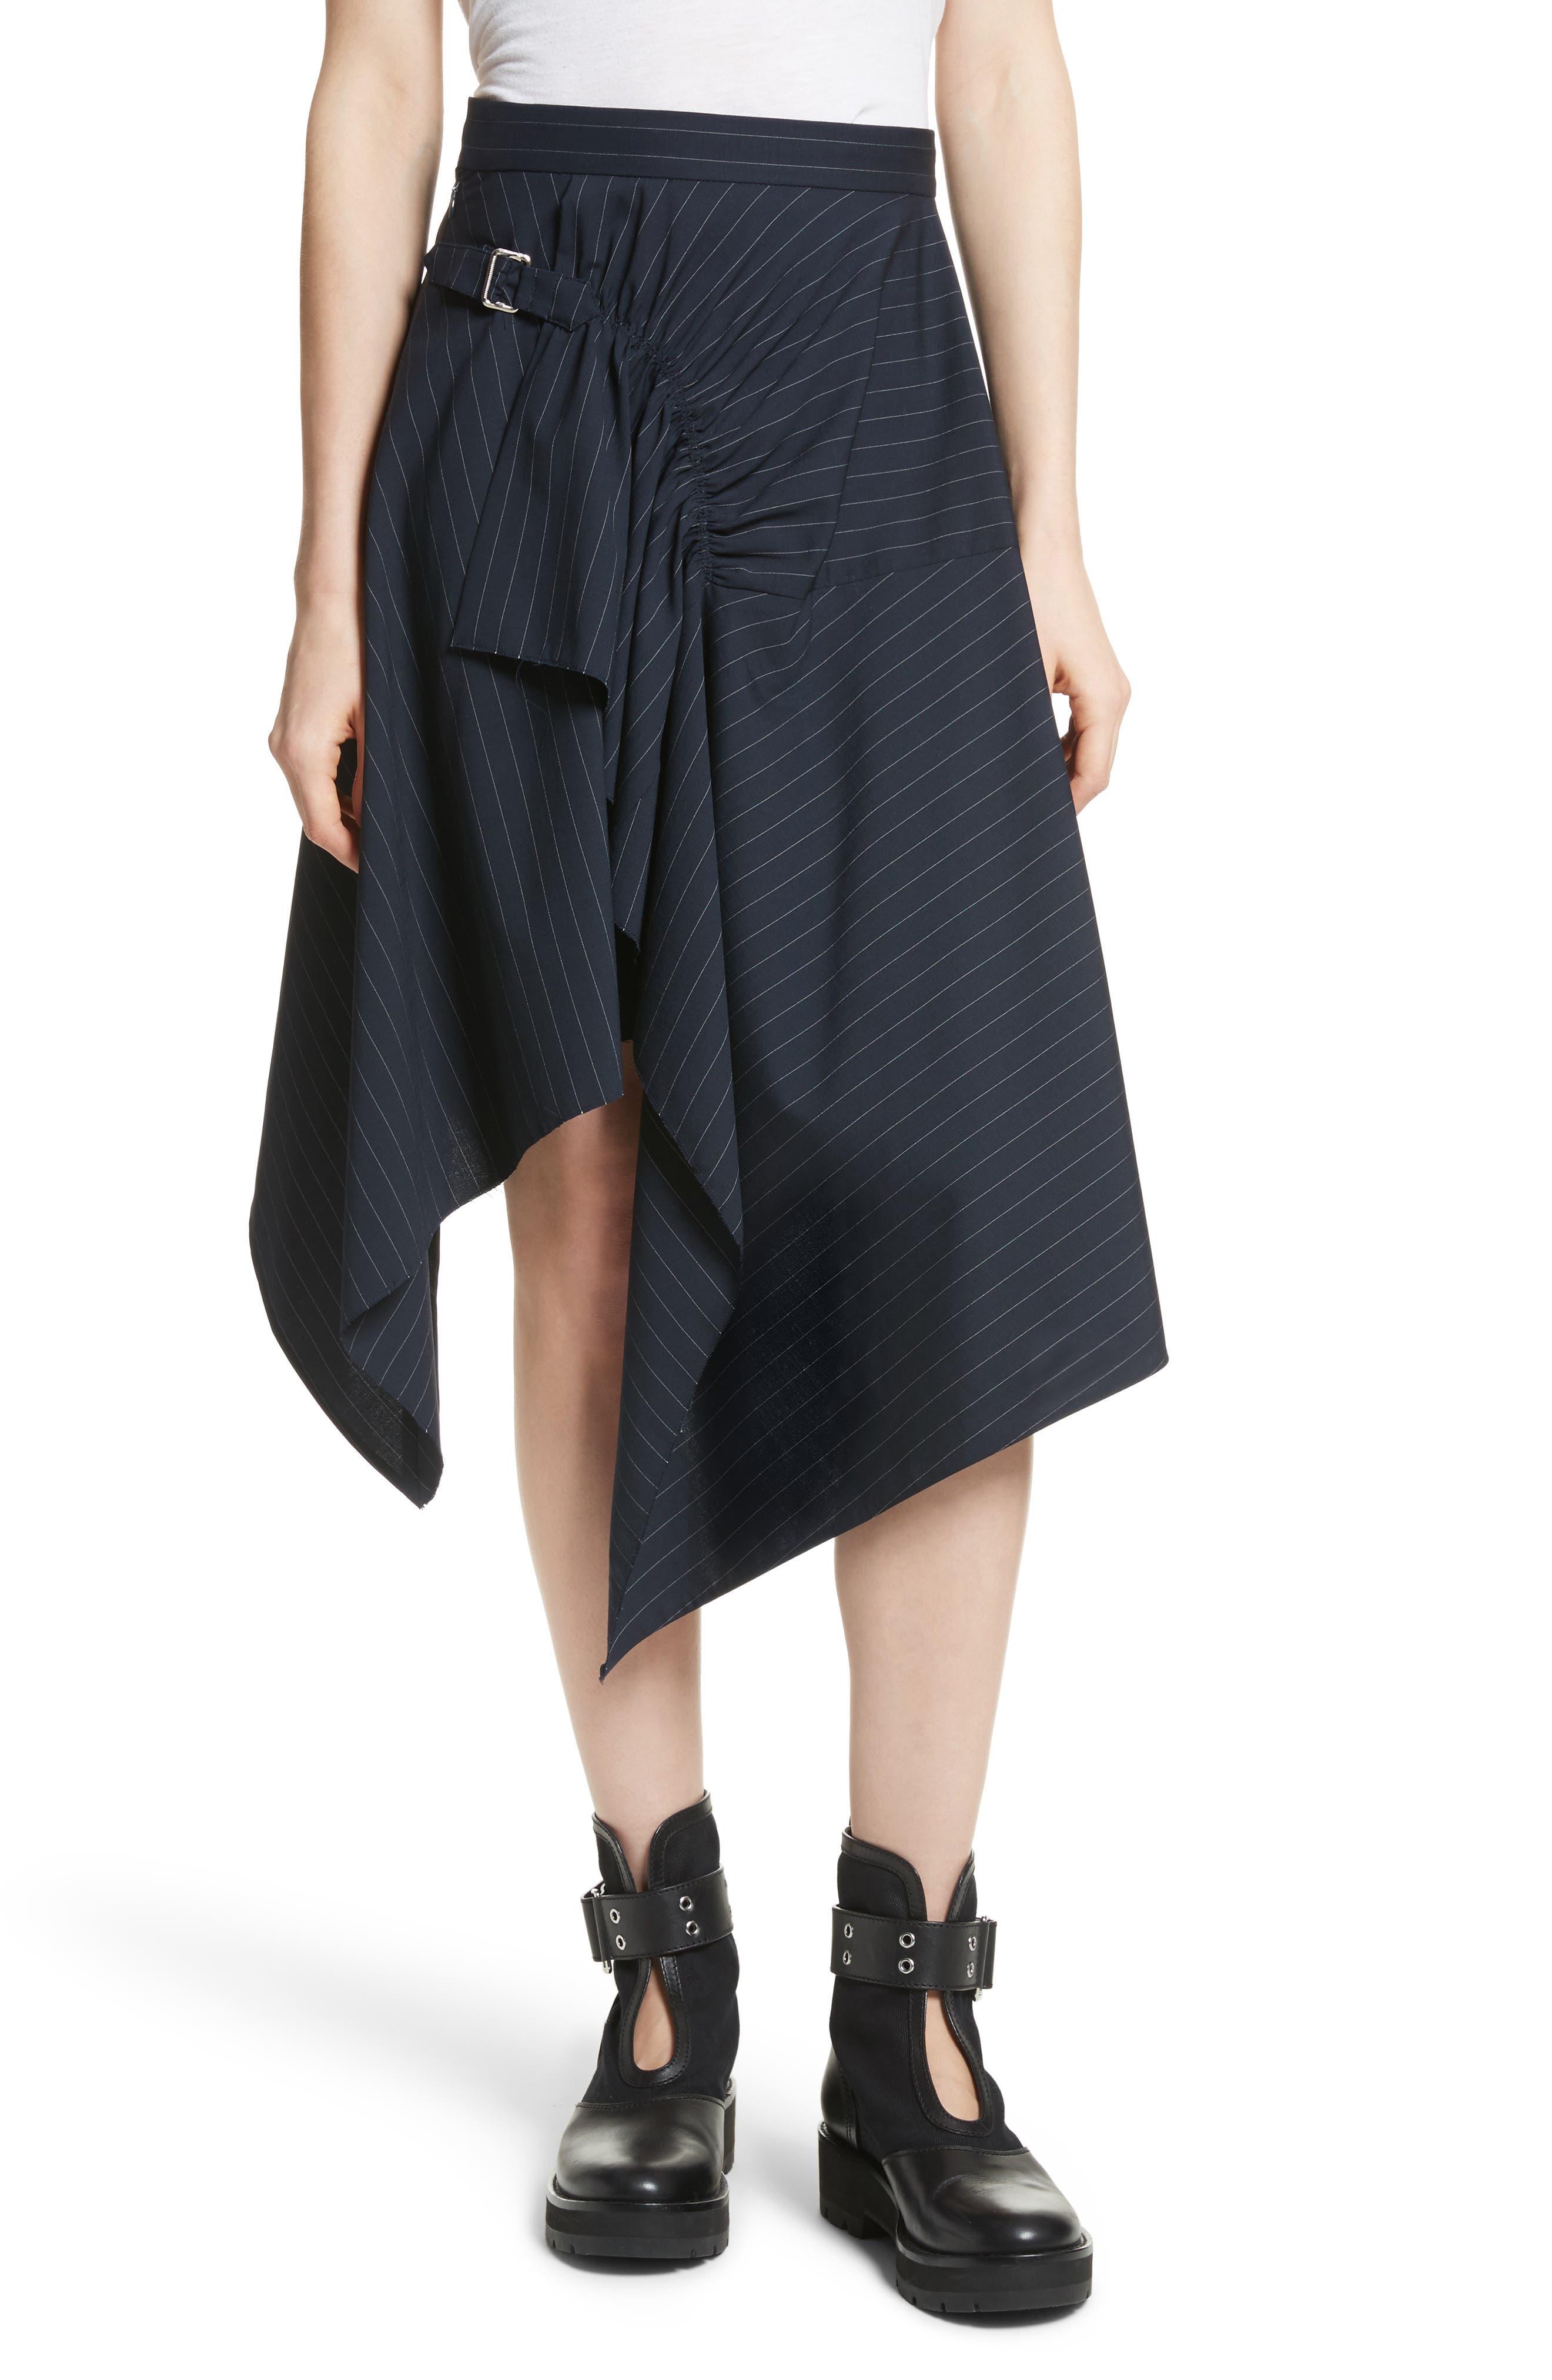 3.1 Phillip Lim Stripe Stretch Wool Handkerchief Skirt